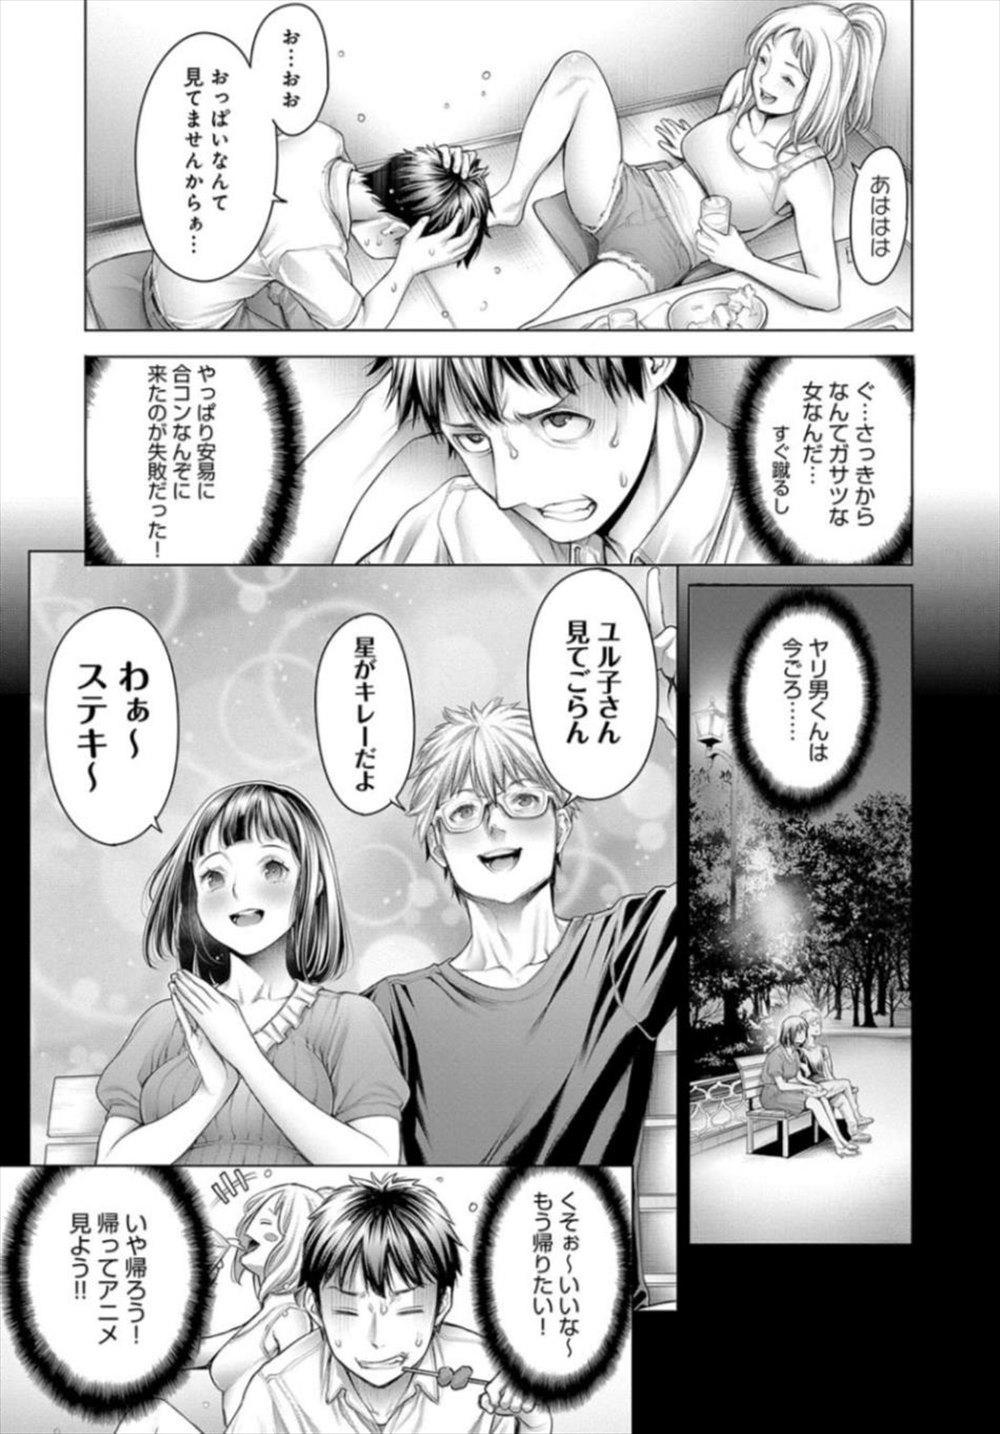 【エロ漫画】合コンで好きなJDはヤリ男にお持ち帰り…ギャルビッチと一緒に帰った結果ww【おかゆさん:オタくんとギャル子ちゃん】